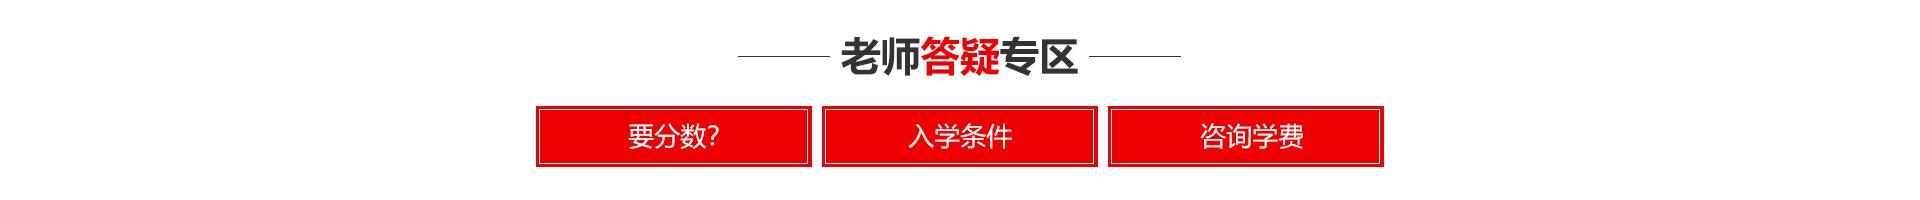 万博maxbet客户端下载行业前景火爆